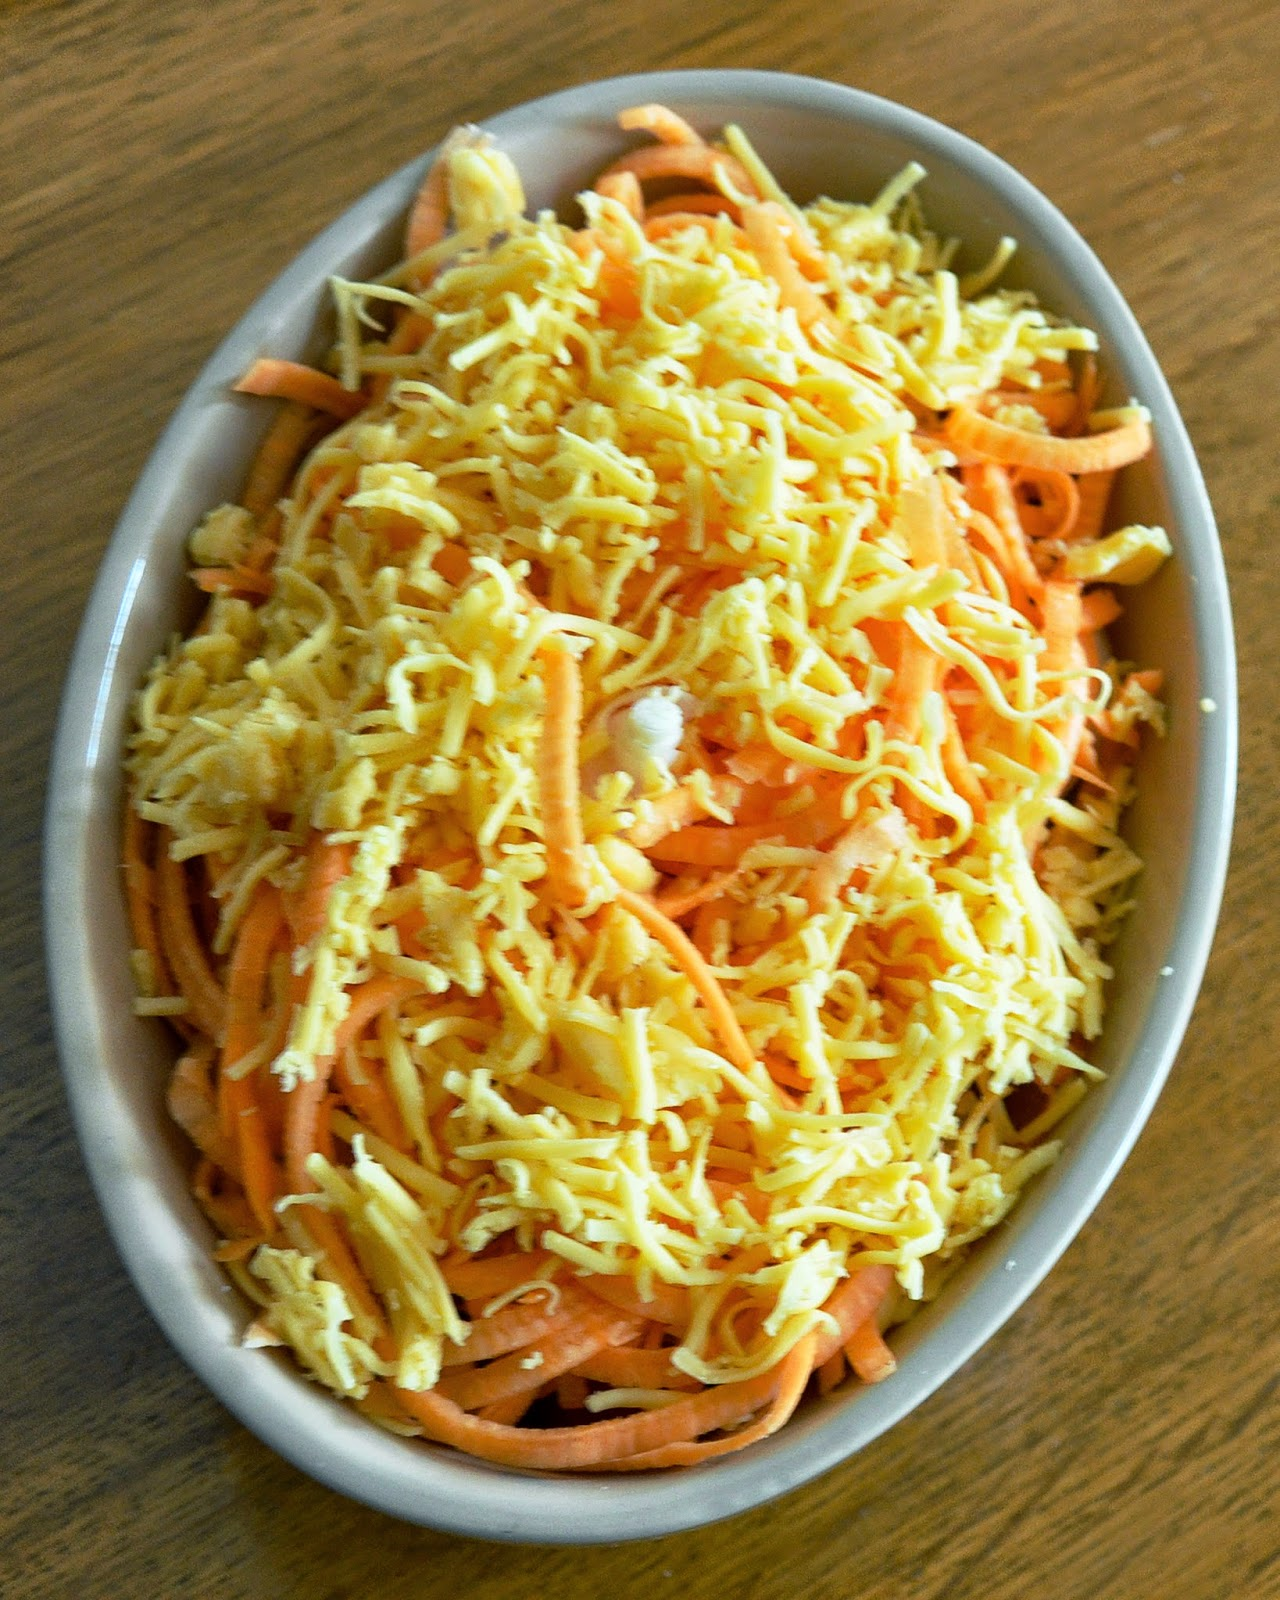 sweet potato noodles and feta cheese bake